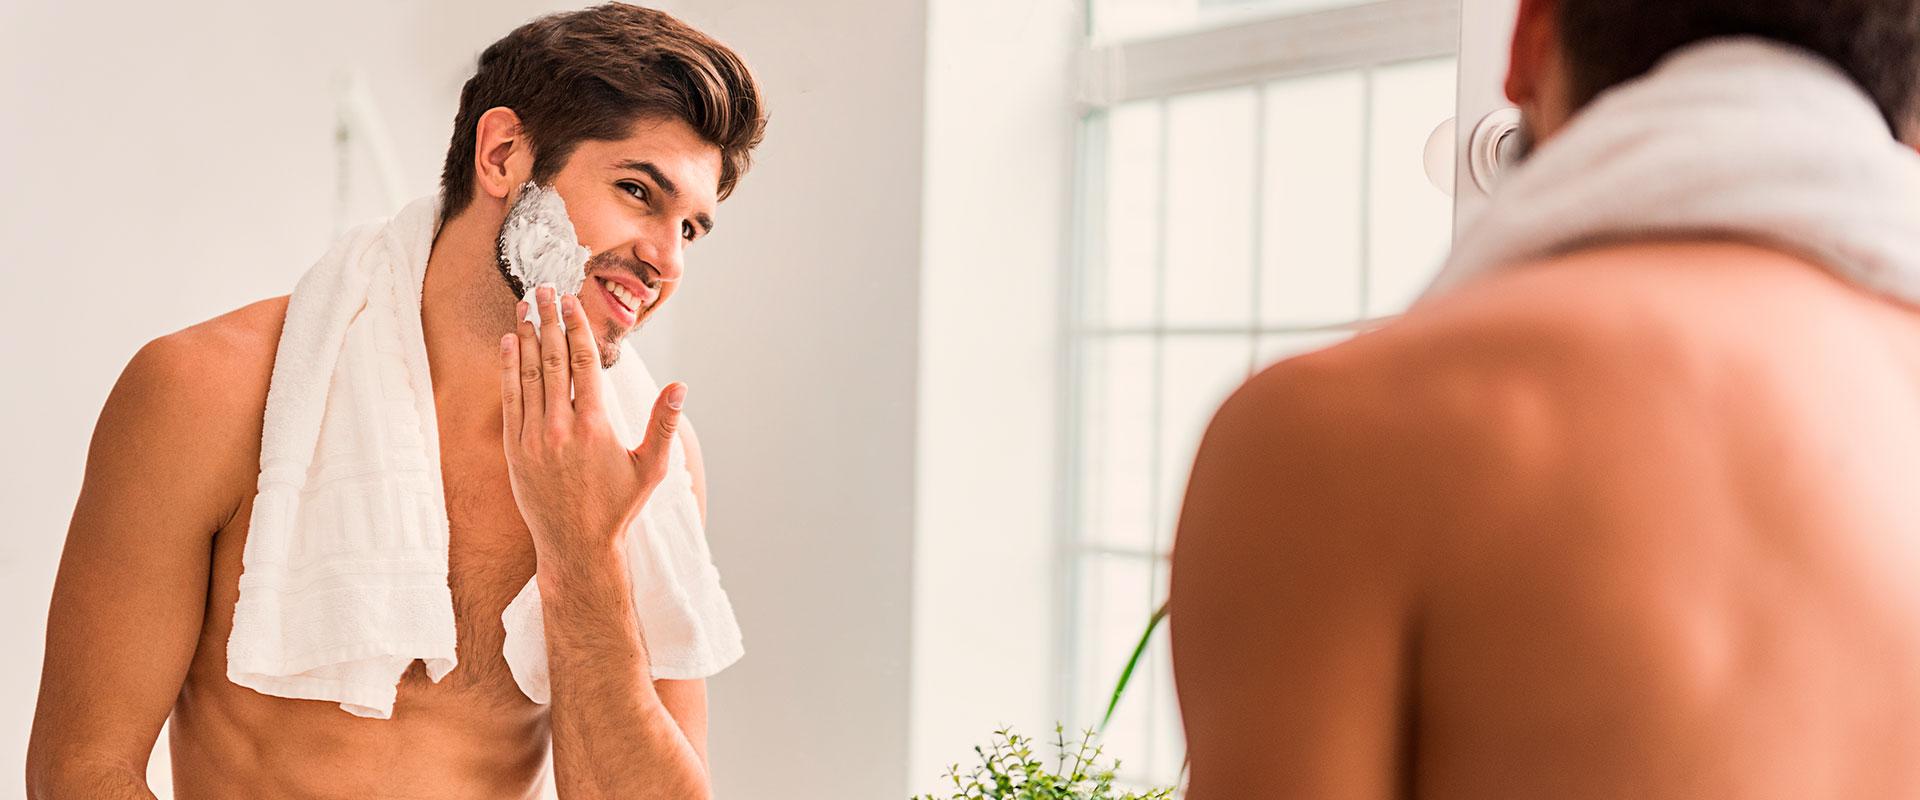 Hombre viéndose al espejo, poniéndose crema en el rostro para cuidar su piel durante el otoño.